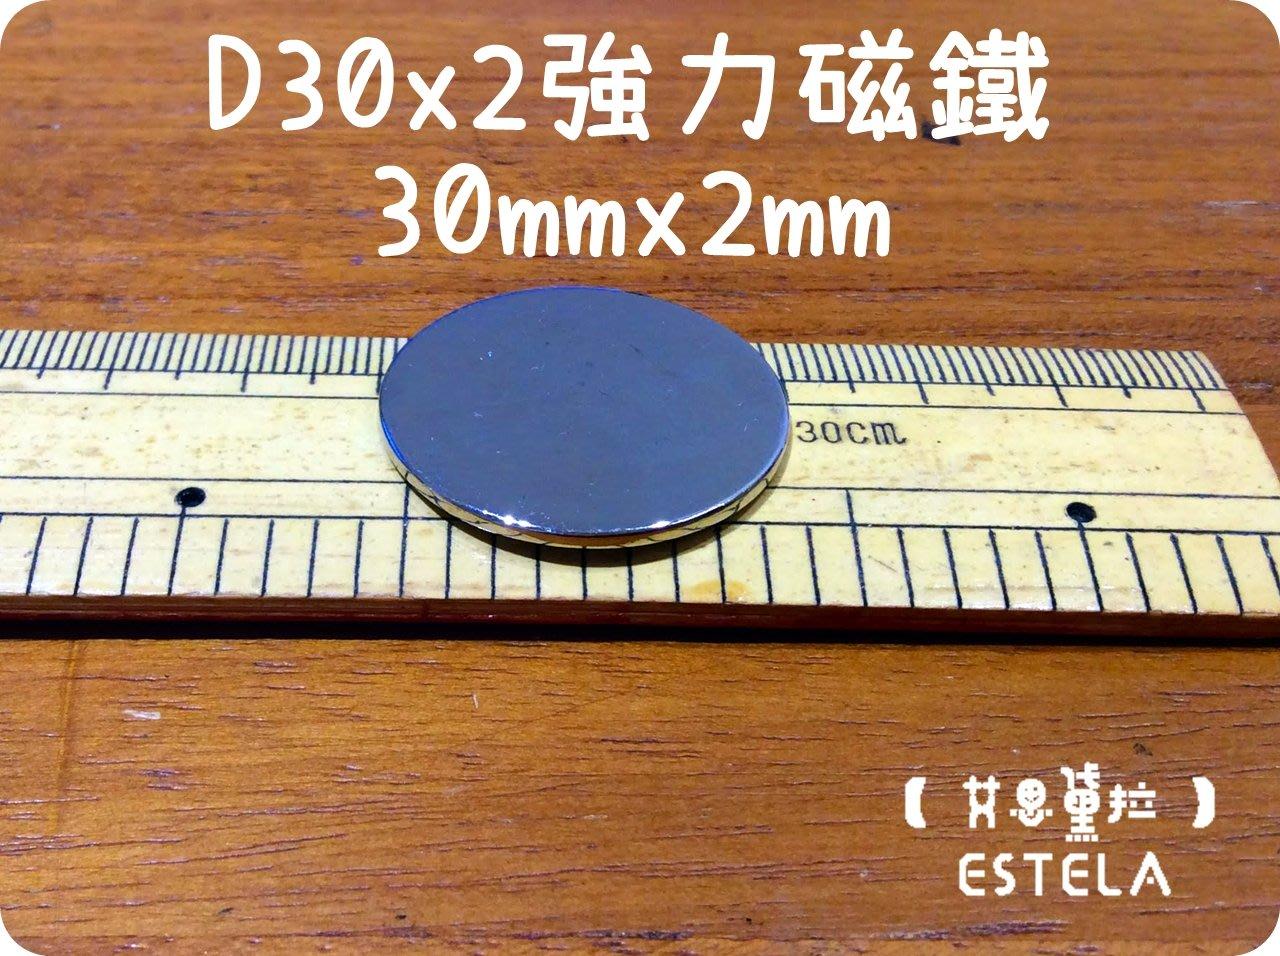 【艾思黛拉 A0324】釹鐵硼 強磁 圓形 磁石 吸鐵 強力磁鐵 D30x2 直徑30mm厚度2mm